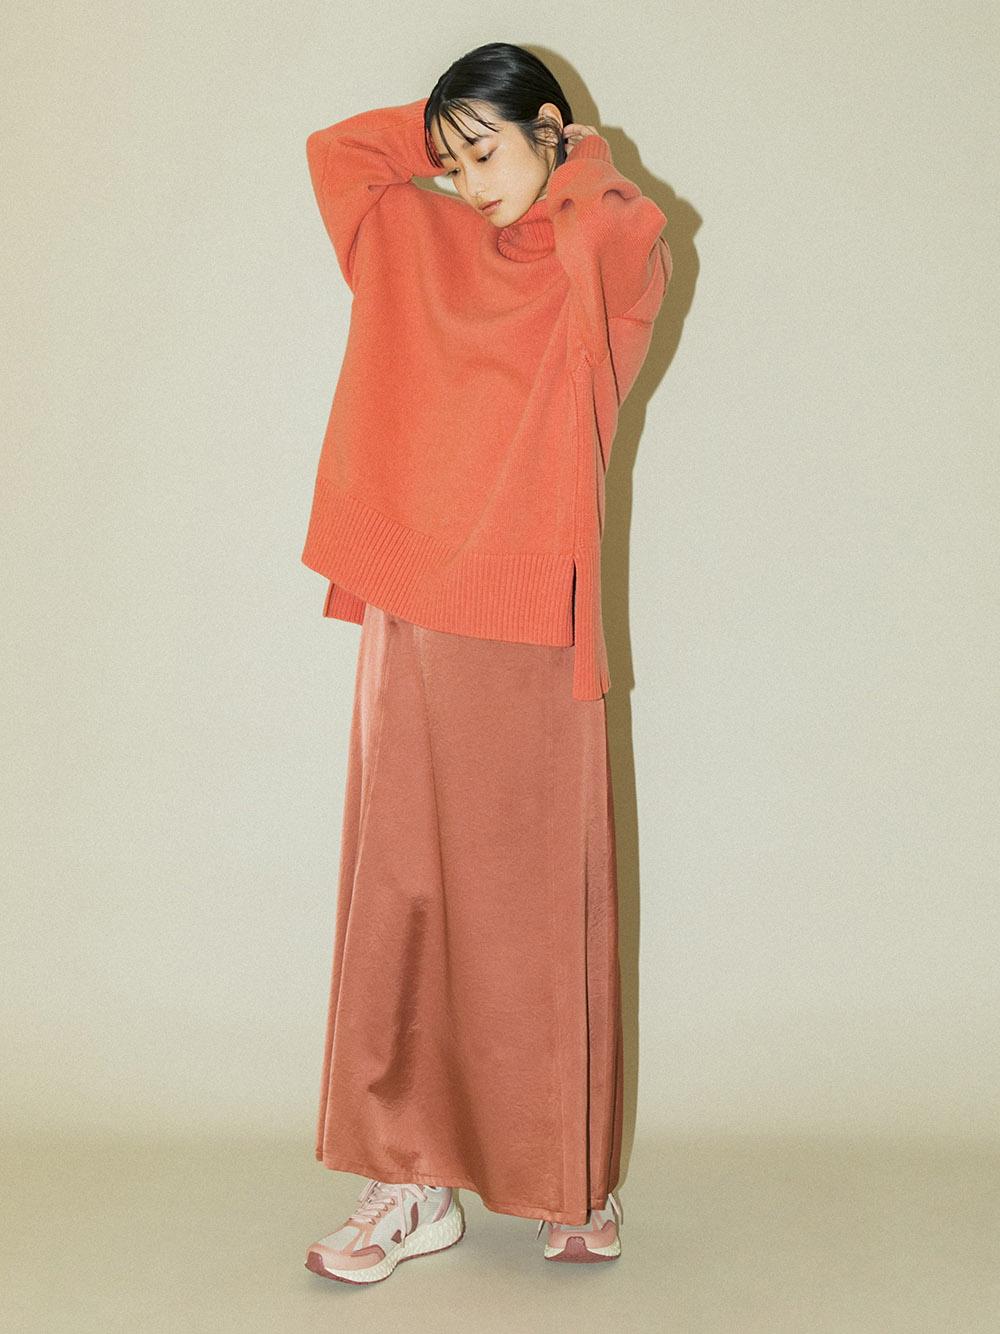 【emmi atelier】ハイウエストサテンスカート(PNK-0)